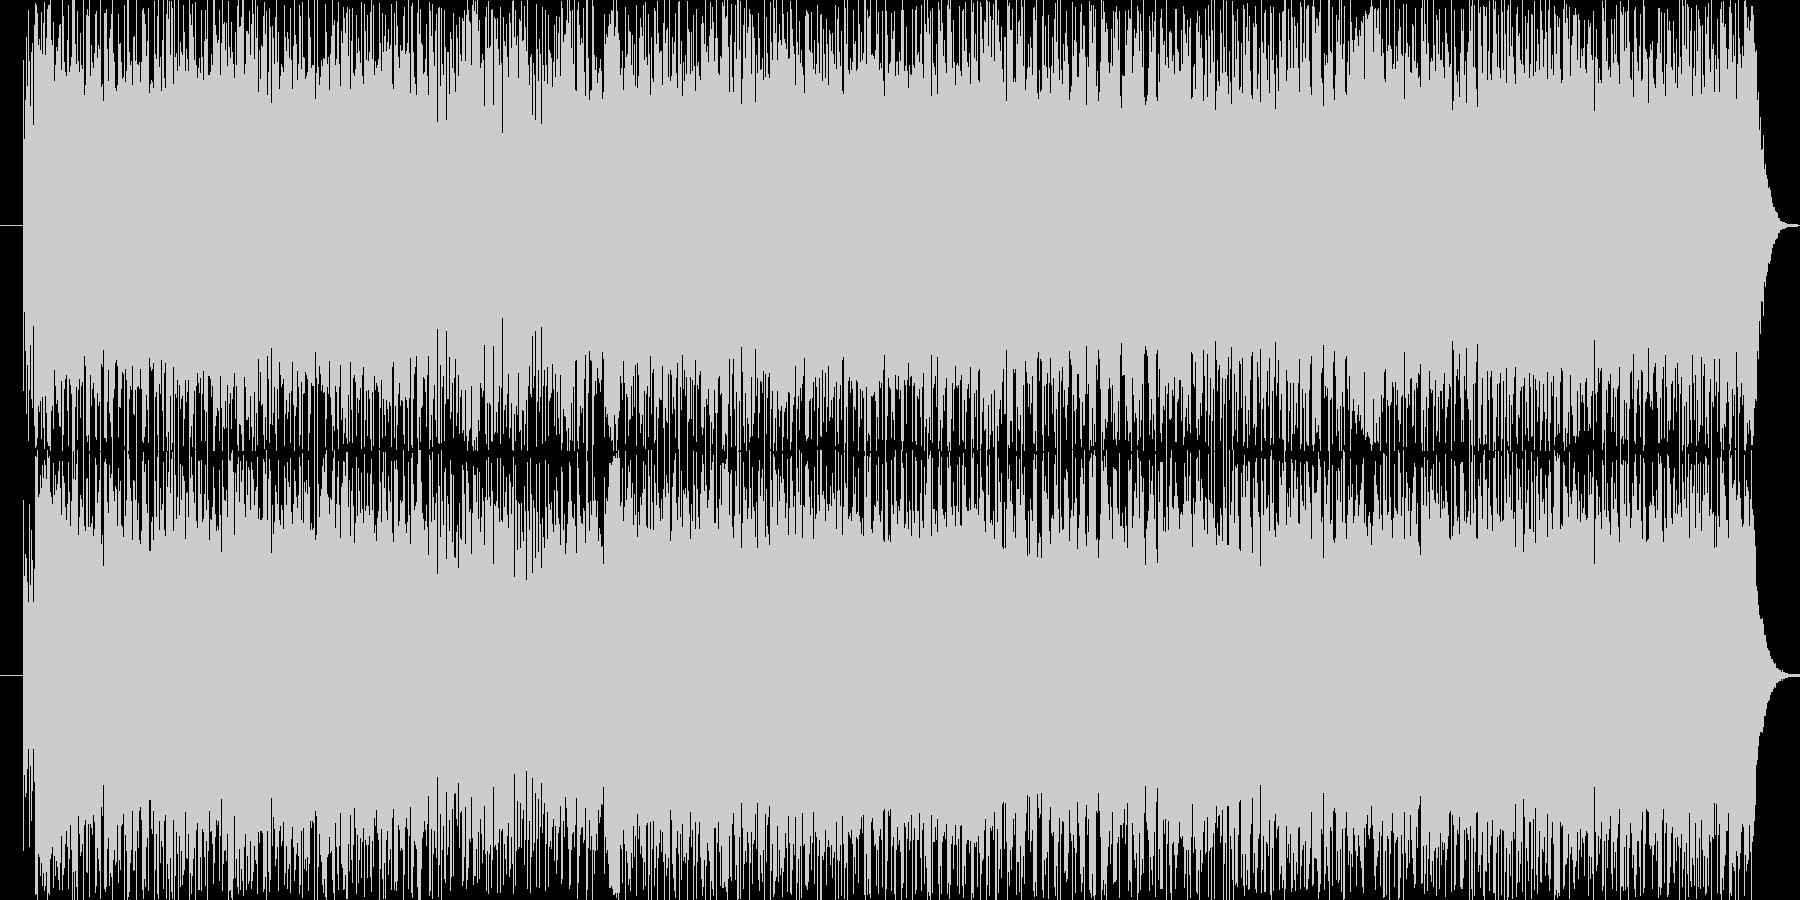 速いテンポのロック系サウンドです。の未再生の波形